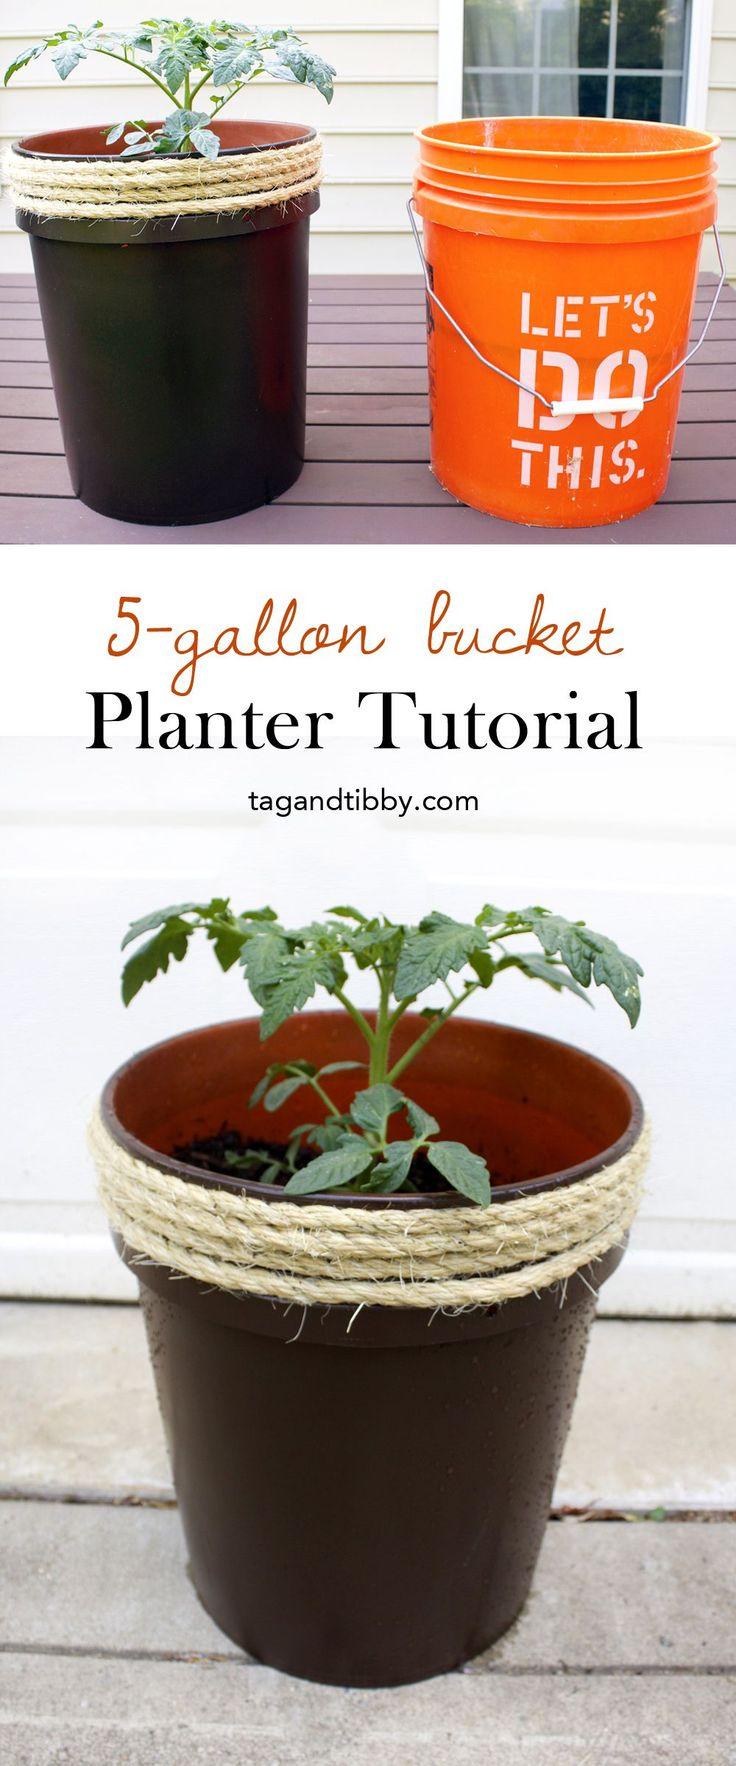 #planter #planter #bucket #gallon #gallon #bucket